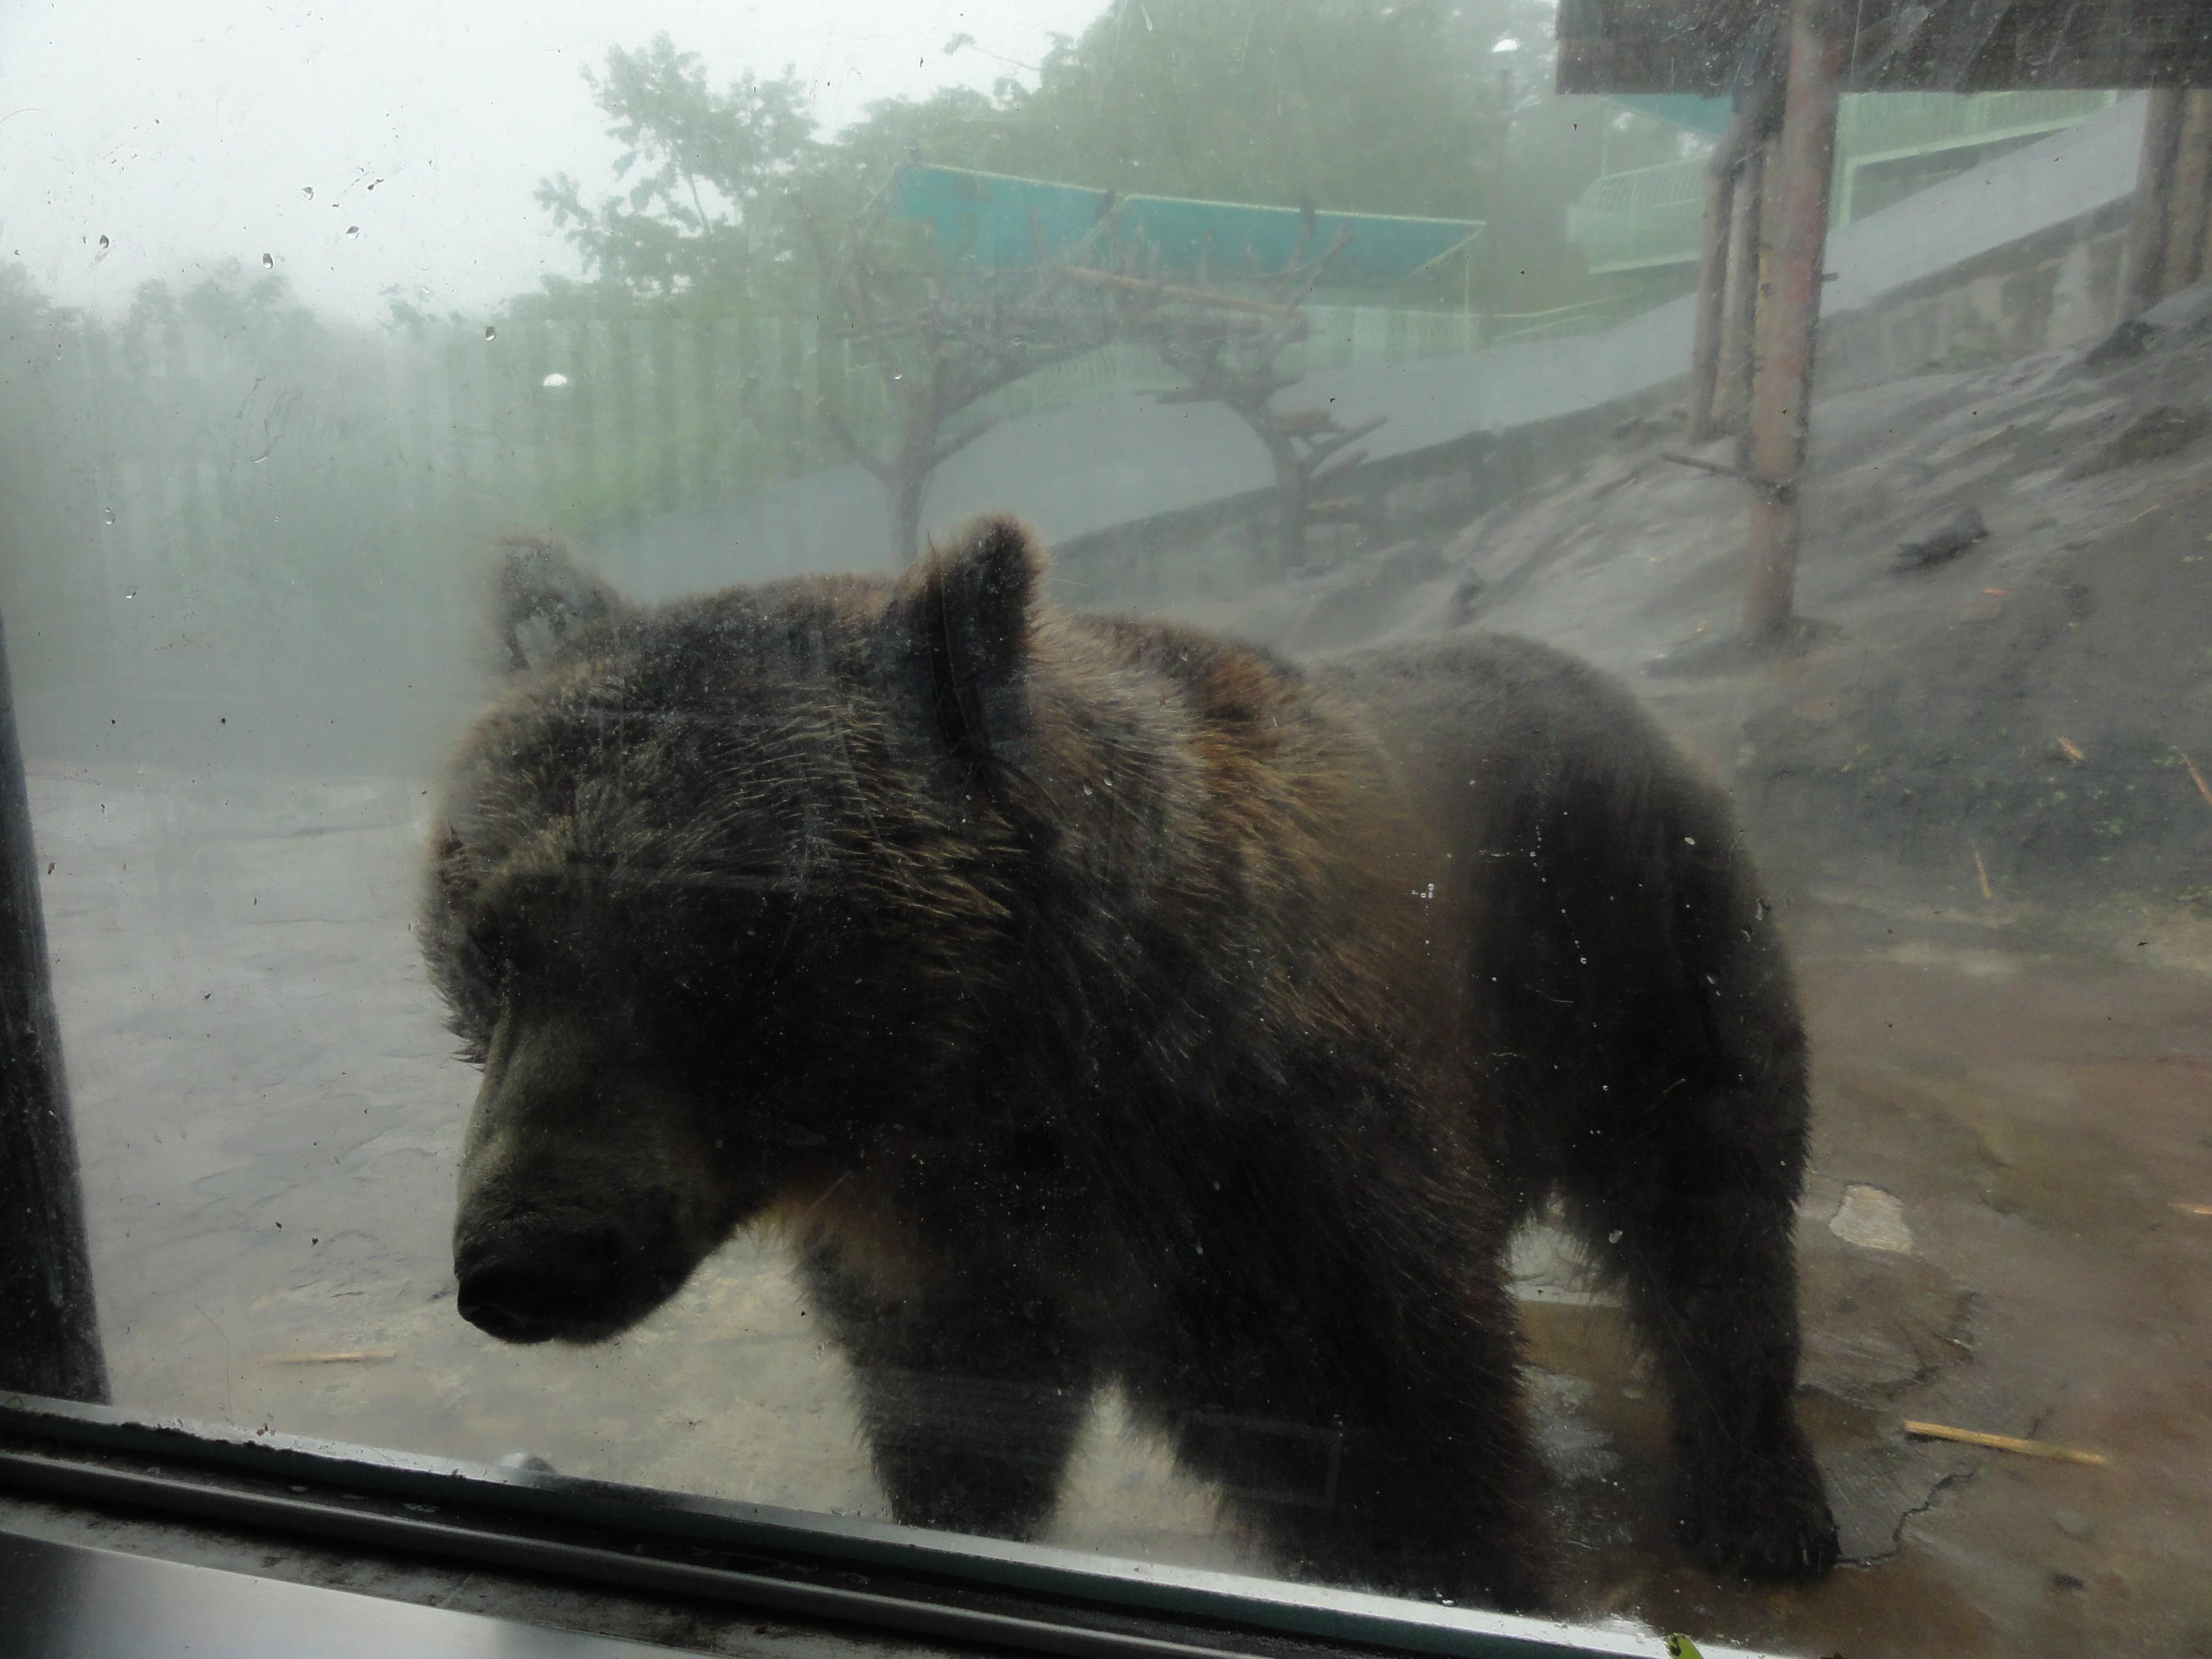 のぼりべつクマ牧場のヒグマ